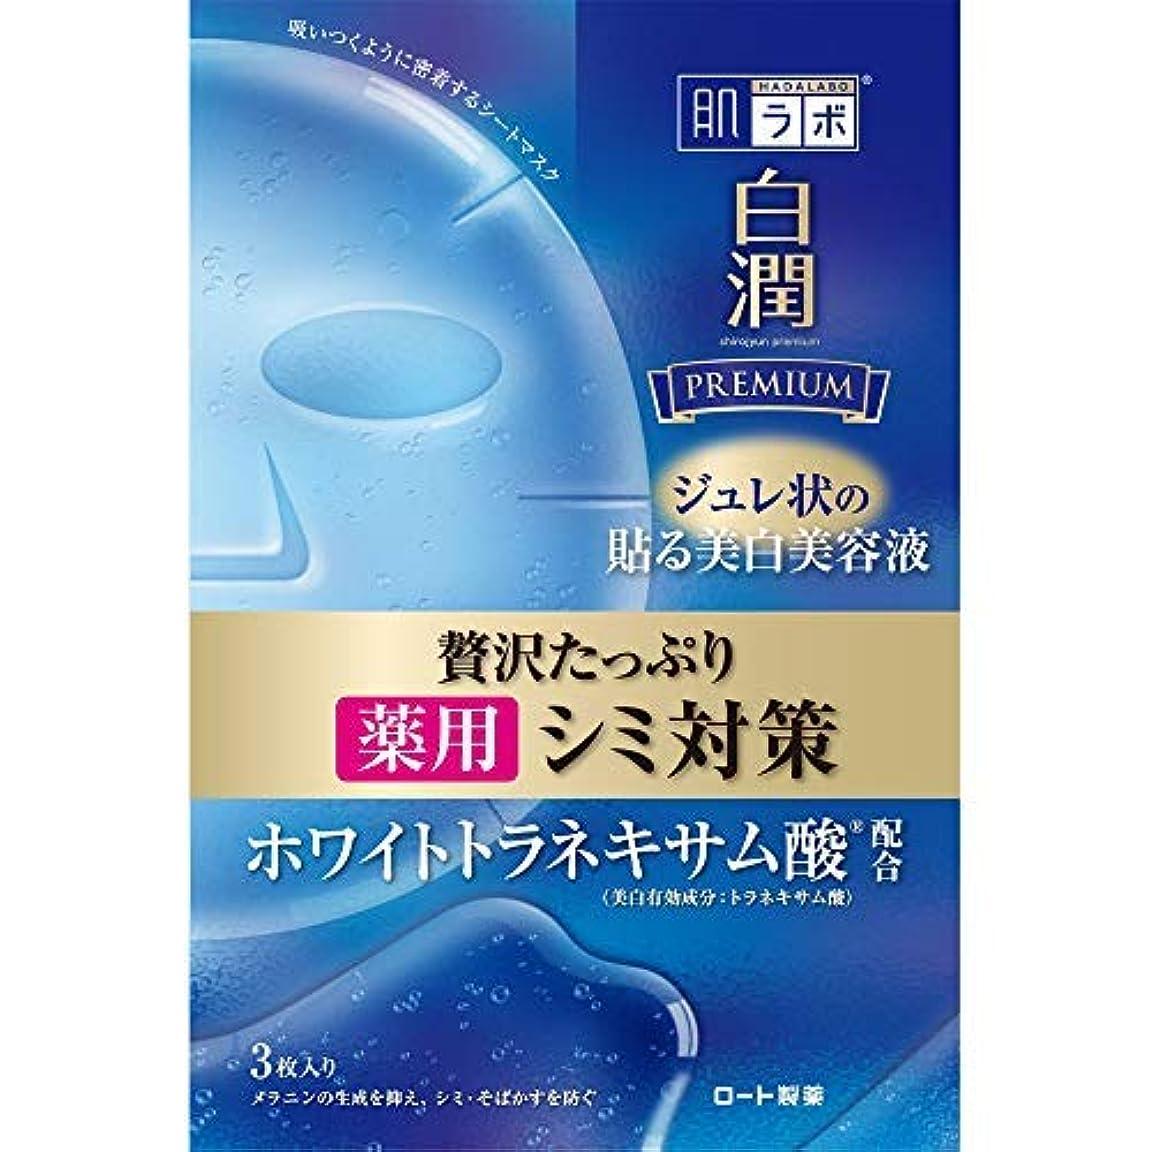 絶望的な支店雪の肌ラボ 白潤プレミアム 薬用浸透美白ジュレマスク × 18個セット